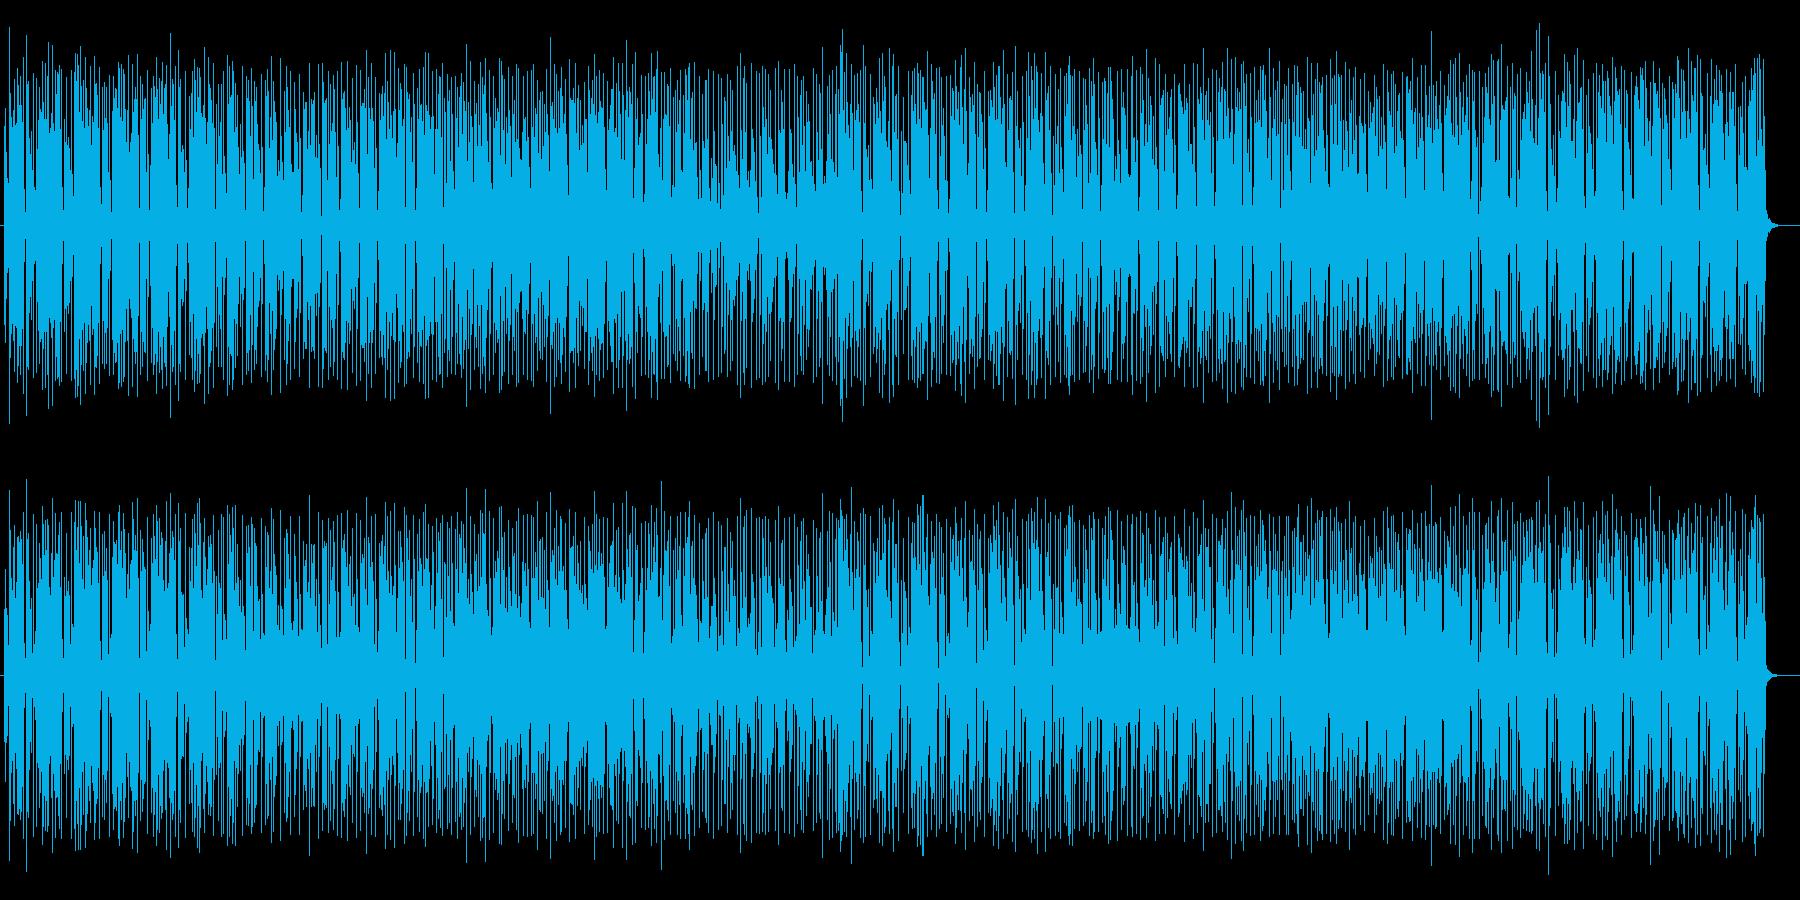 活気あるポップミュージックの再生済みの波形